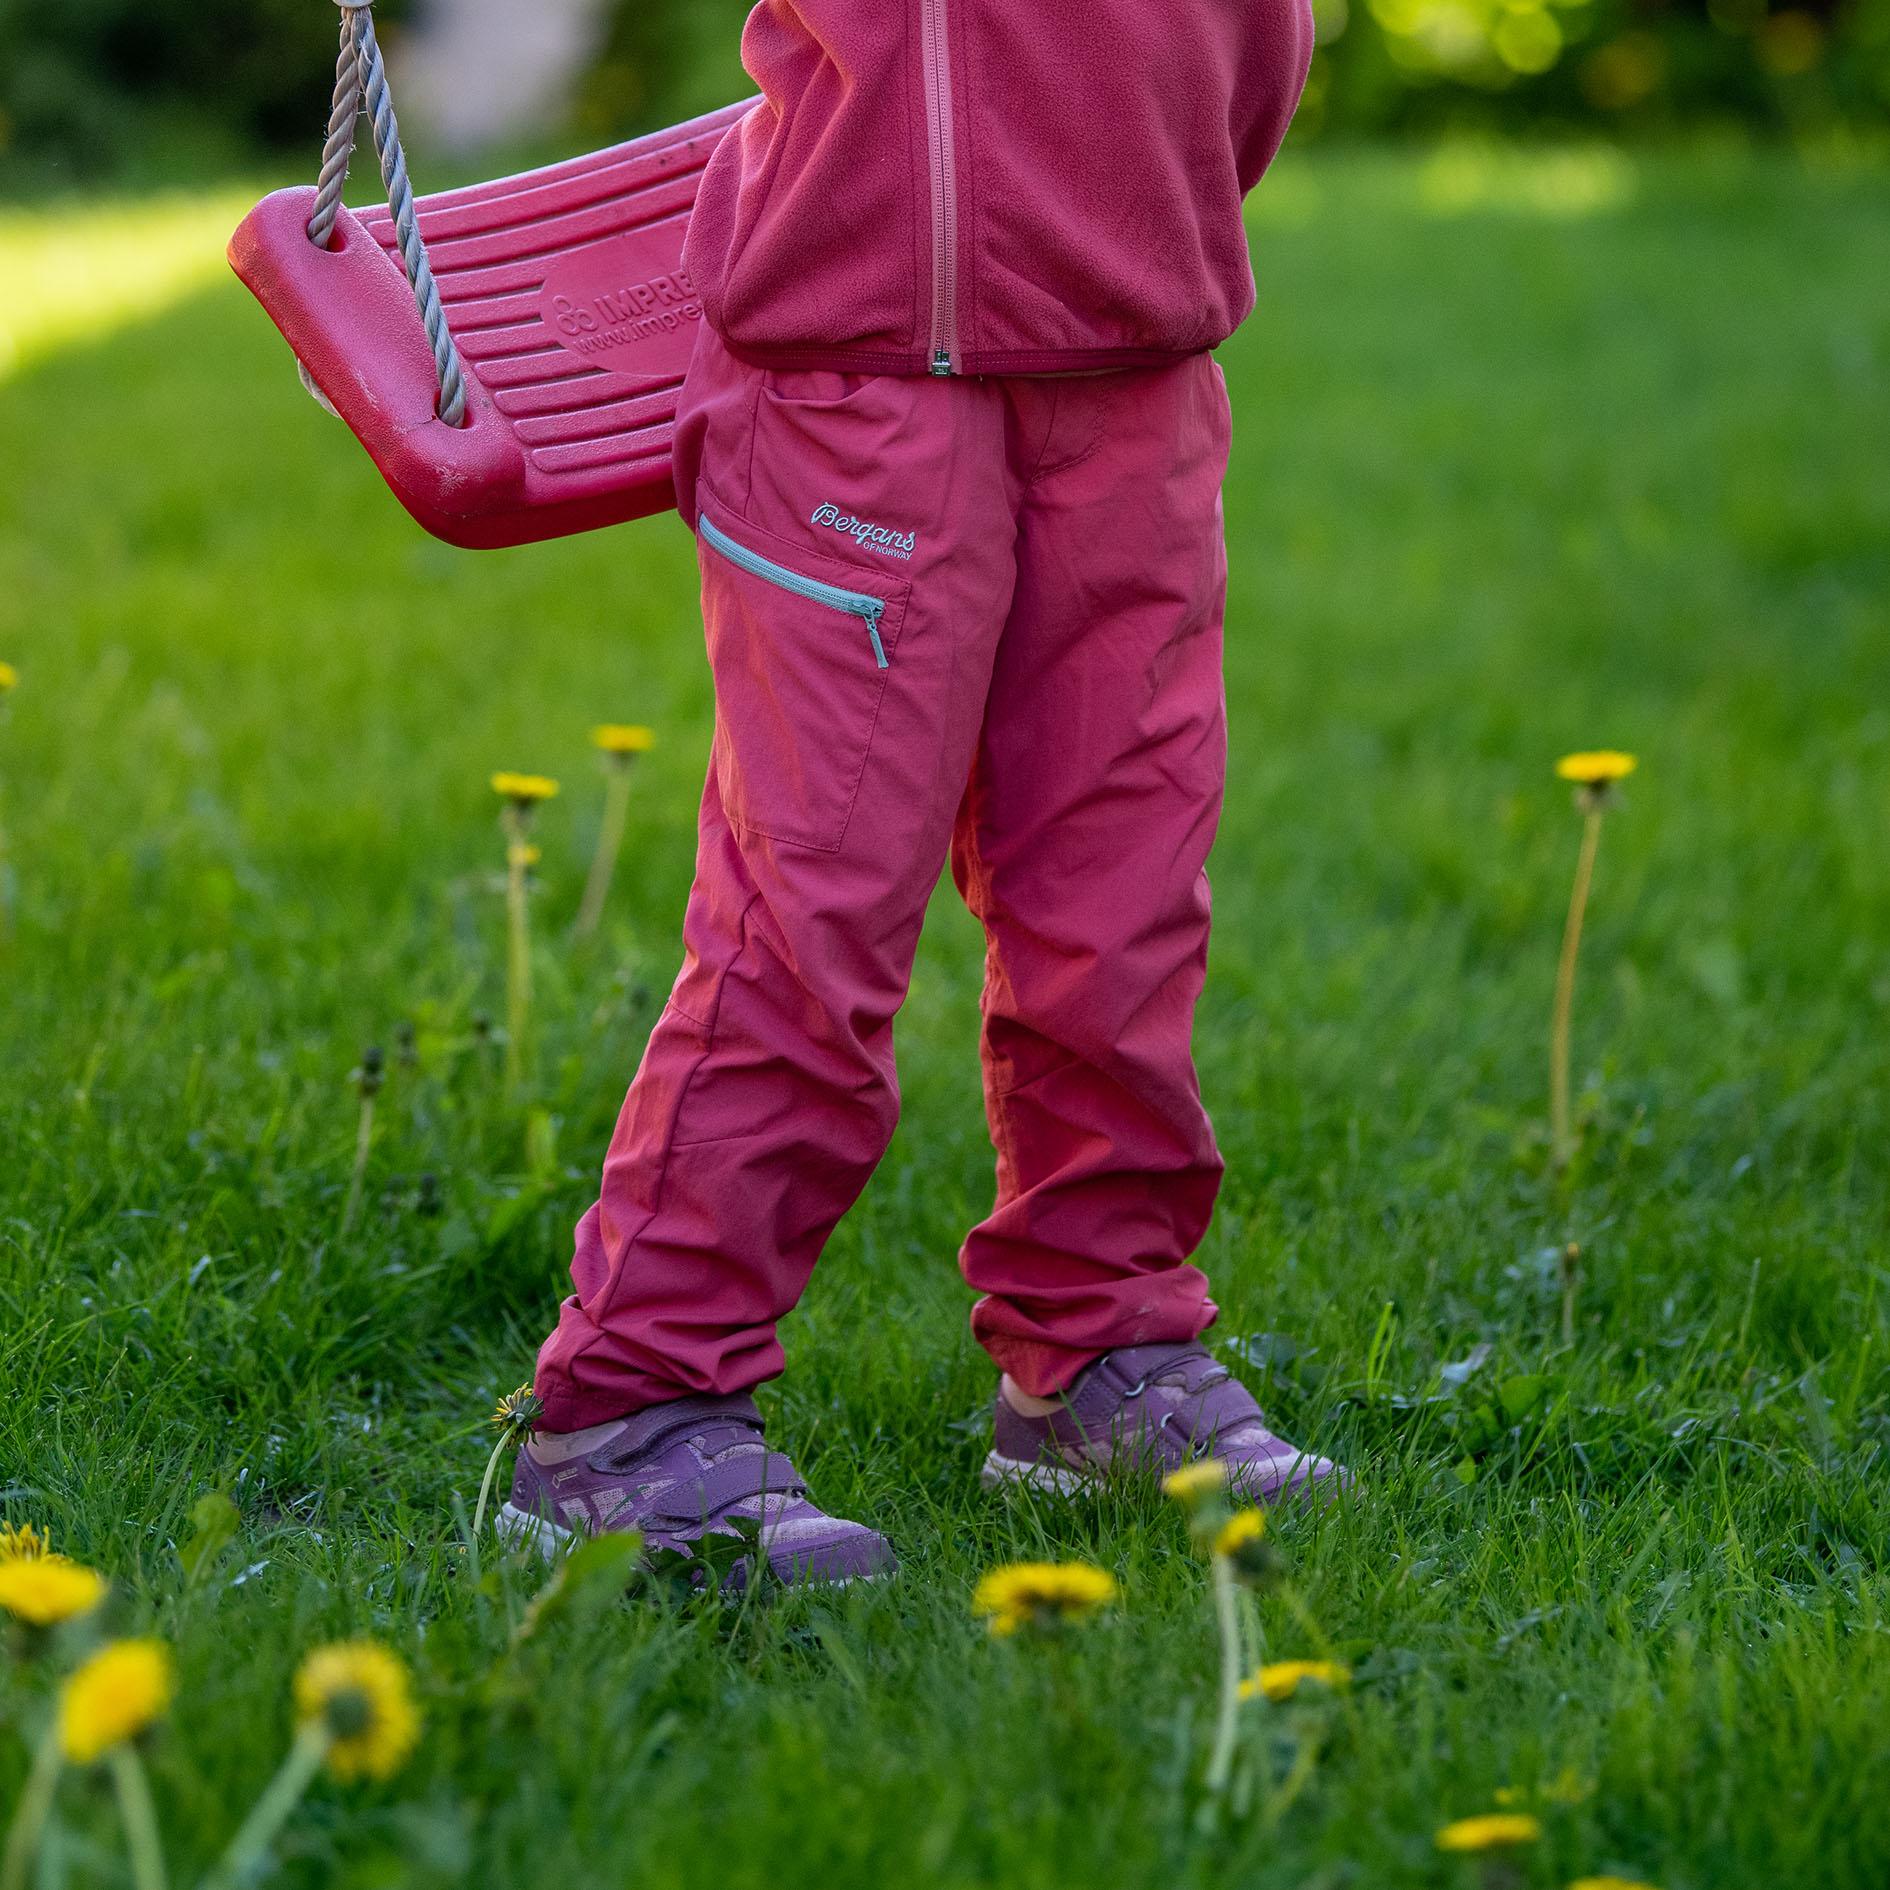 Lilletind V2 Light Softshell Kids Pants